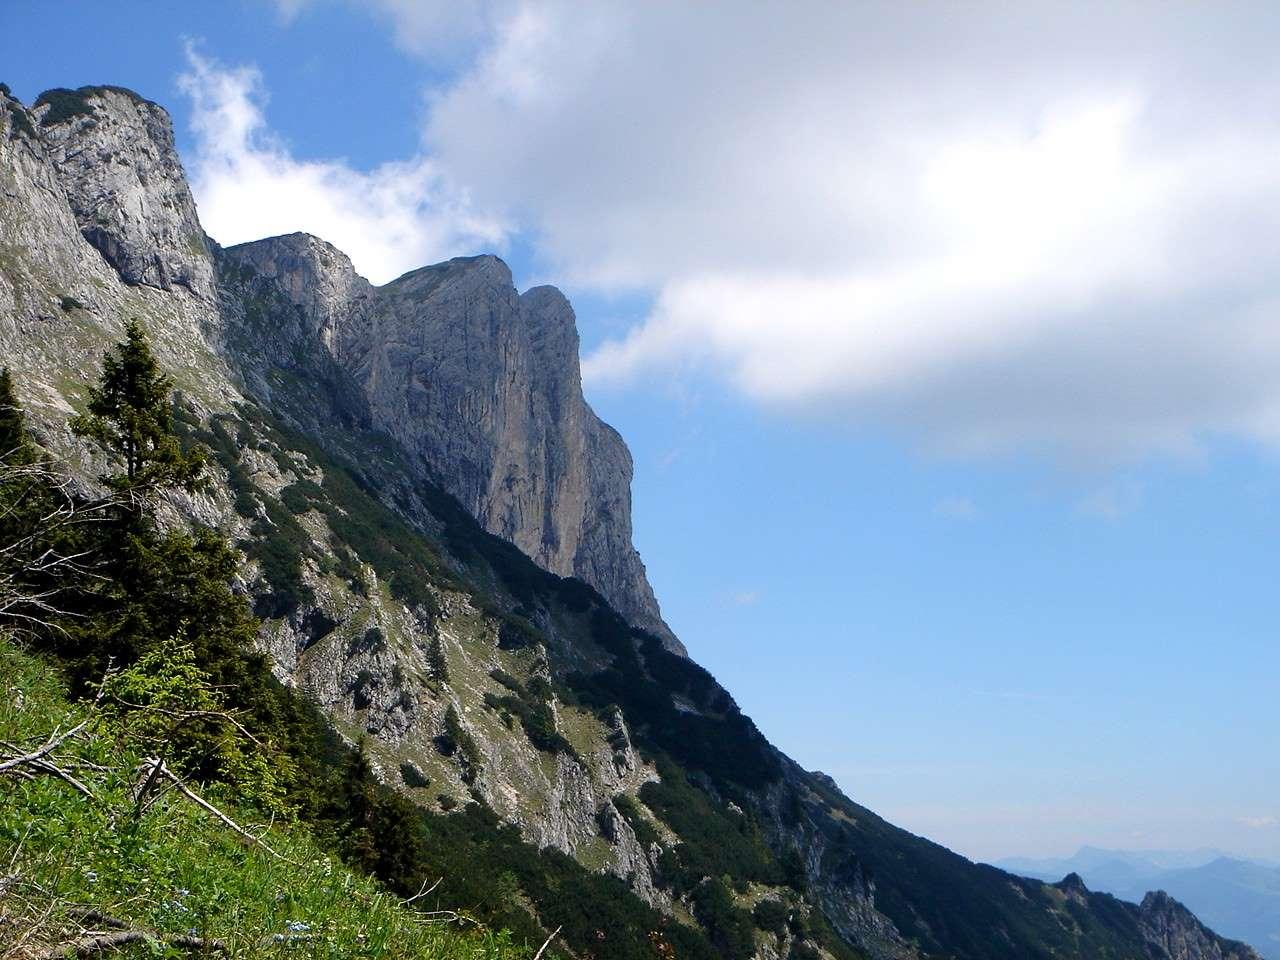 Foto: Manfred Karl / Wander Tour / Von Bischofswiesen auf den Berchtesgadener Hochthron / Eindrucksvolle Schau auf die SW-Abstürze des Hochthrons. / 17.05.2007 20:45:22